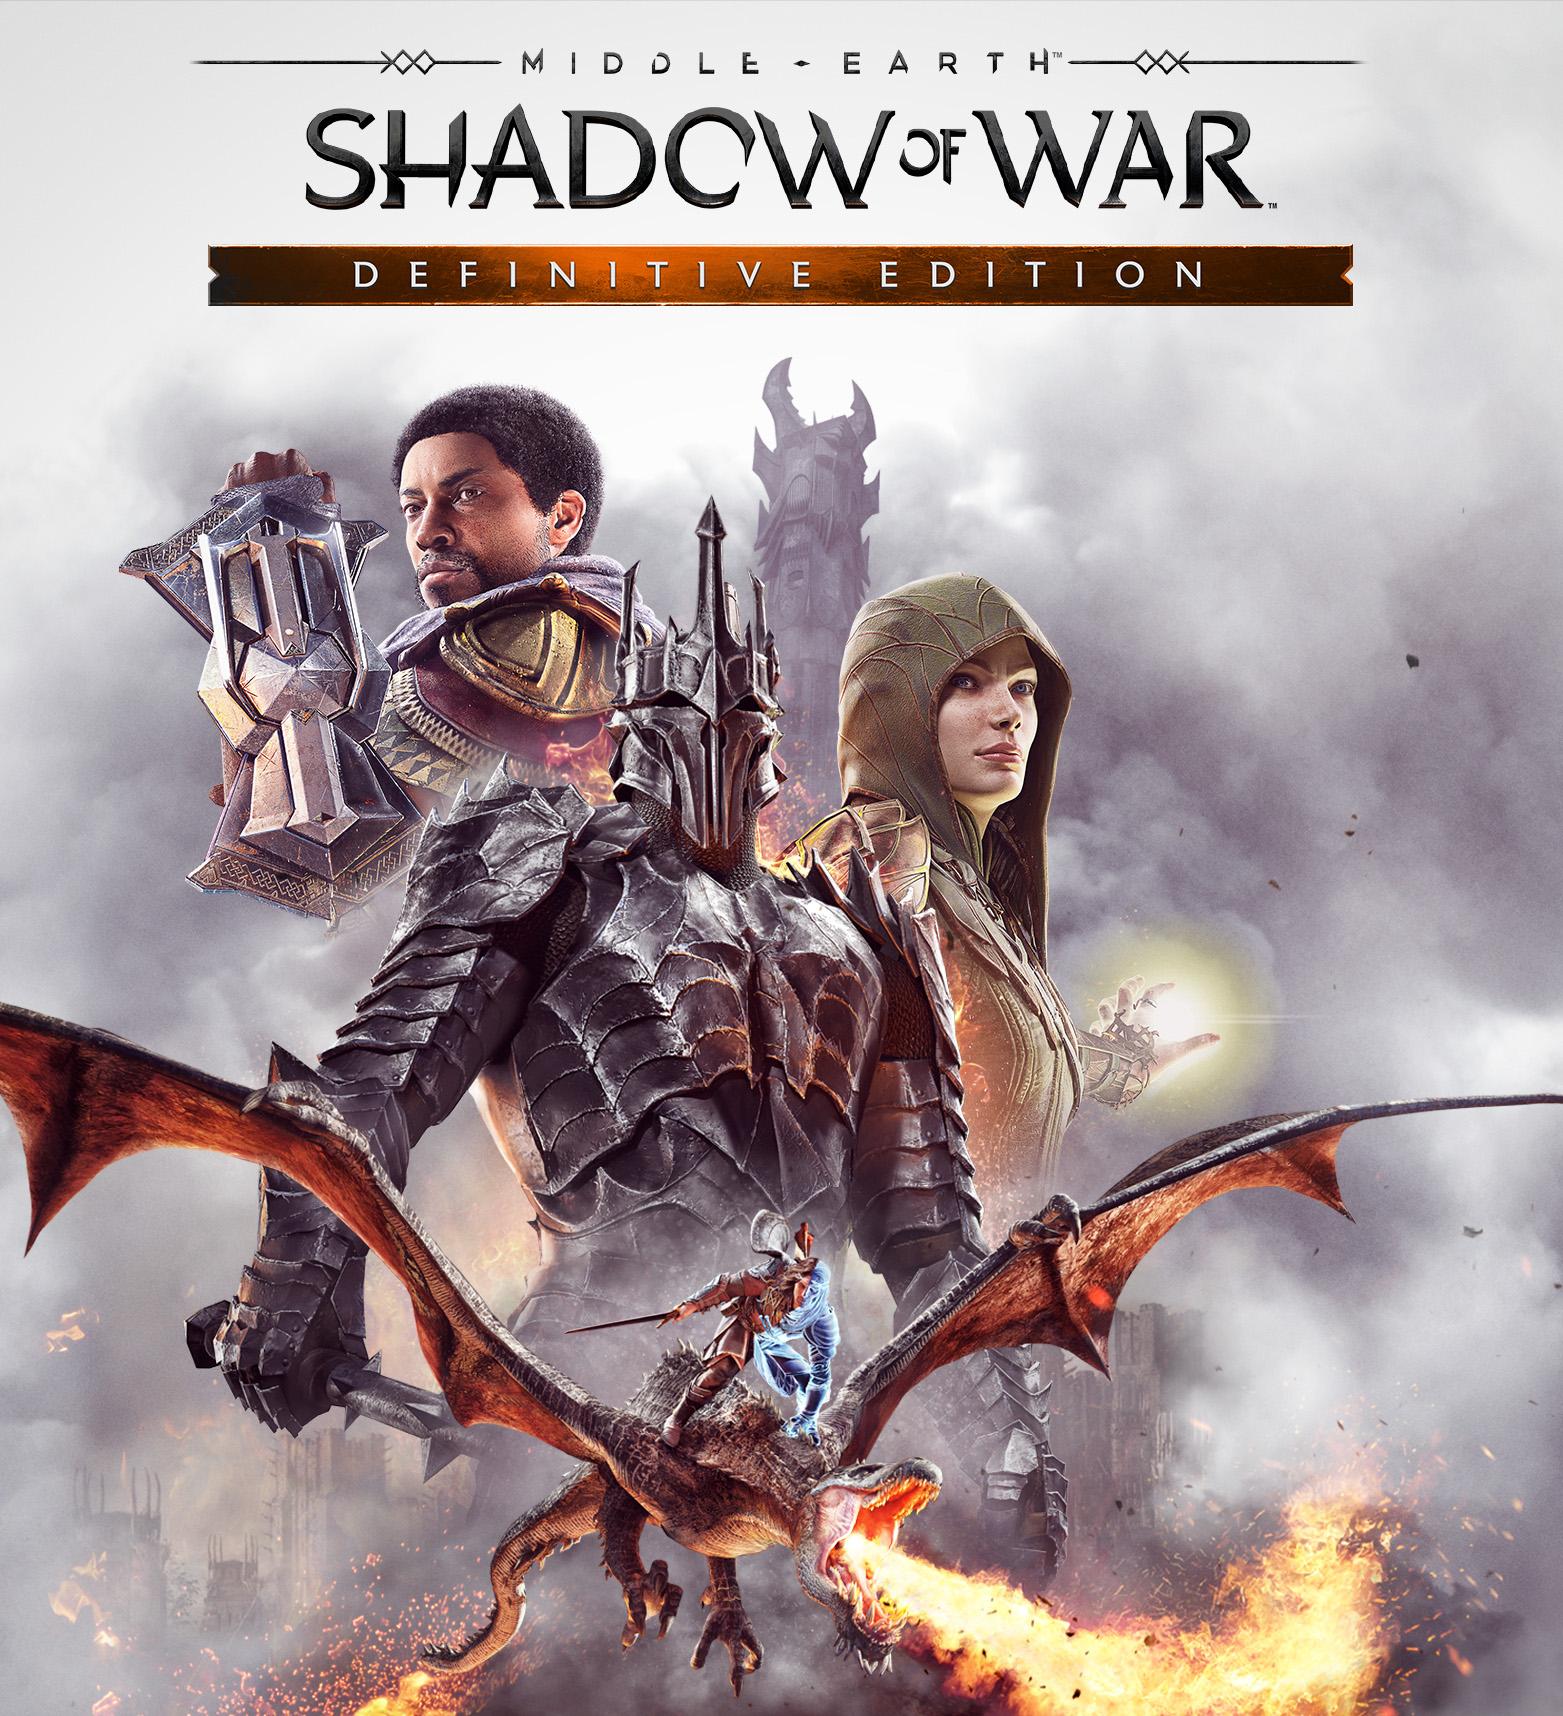 La Tierra Media: Sombras de Guerra presenta su edición definitiva